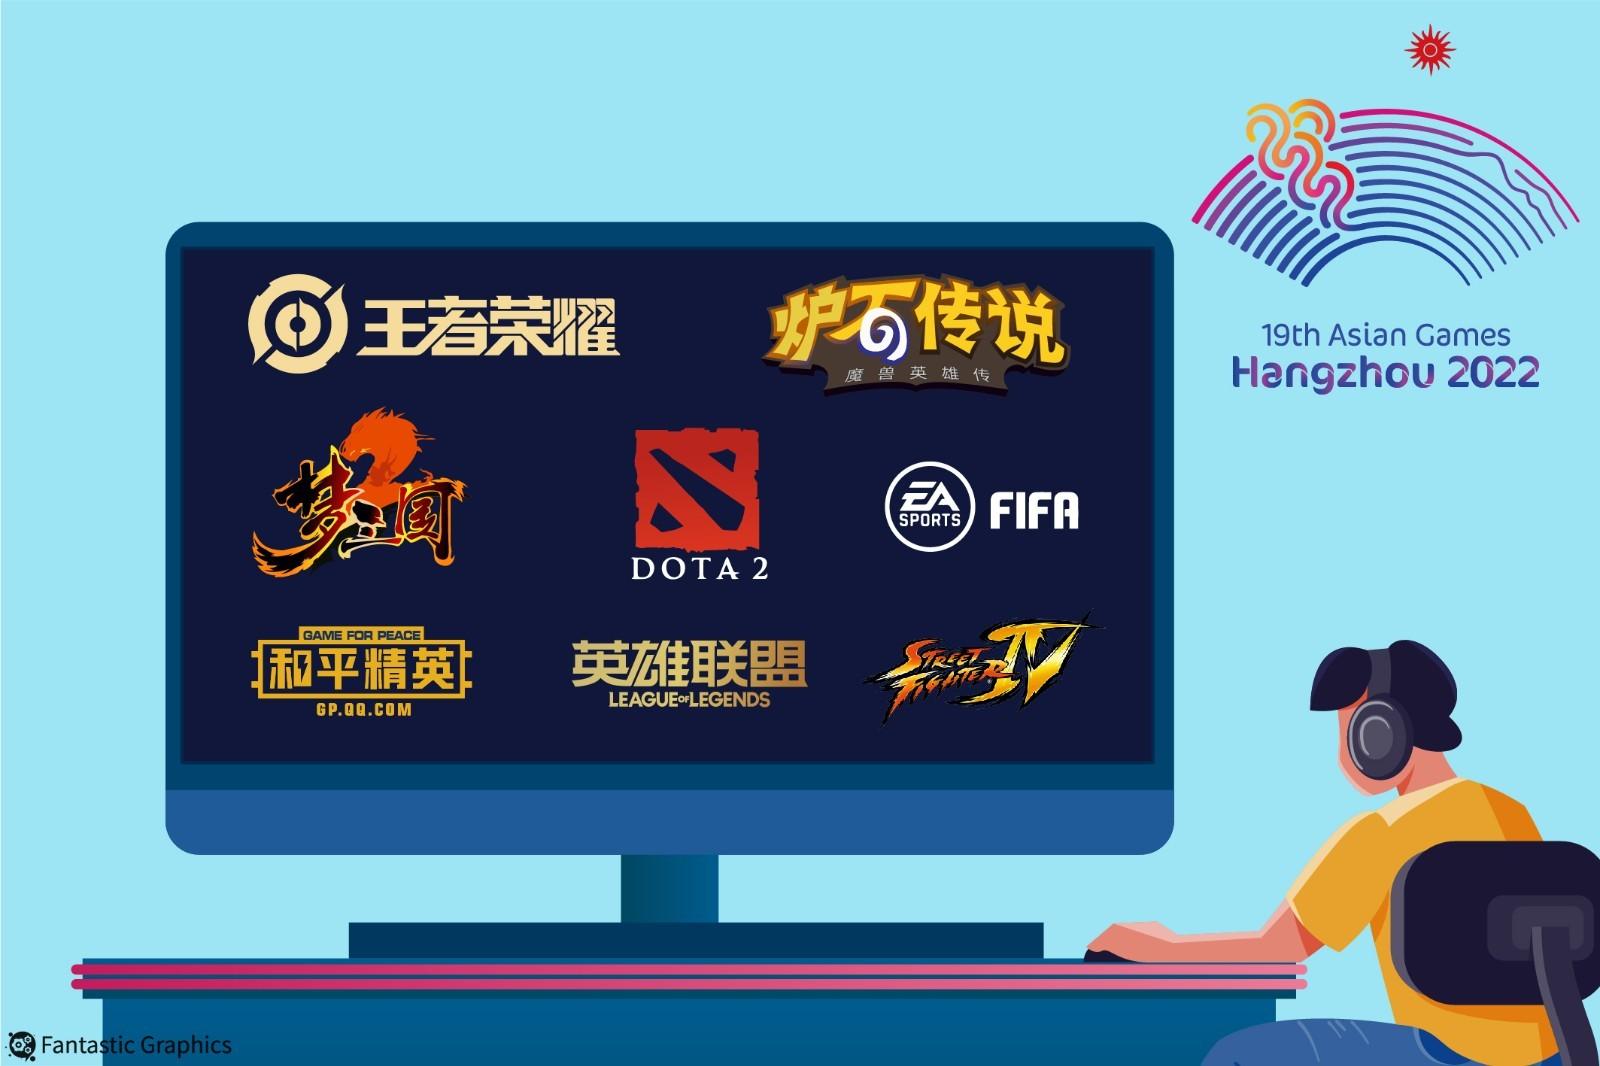 体育产业早餐9.9 杭州亚运会八大电竞项目正式公布 KPL完成全面地域化冠名